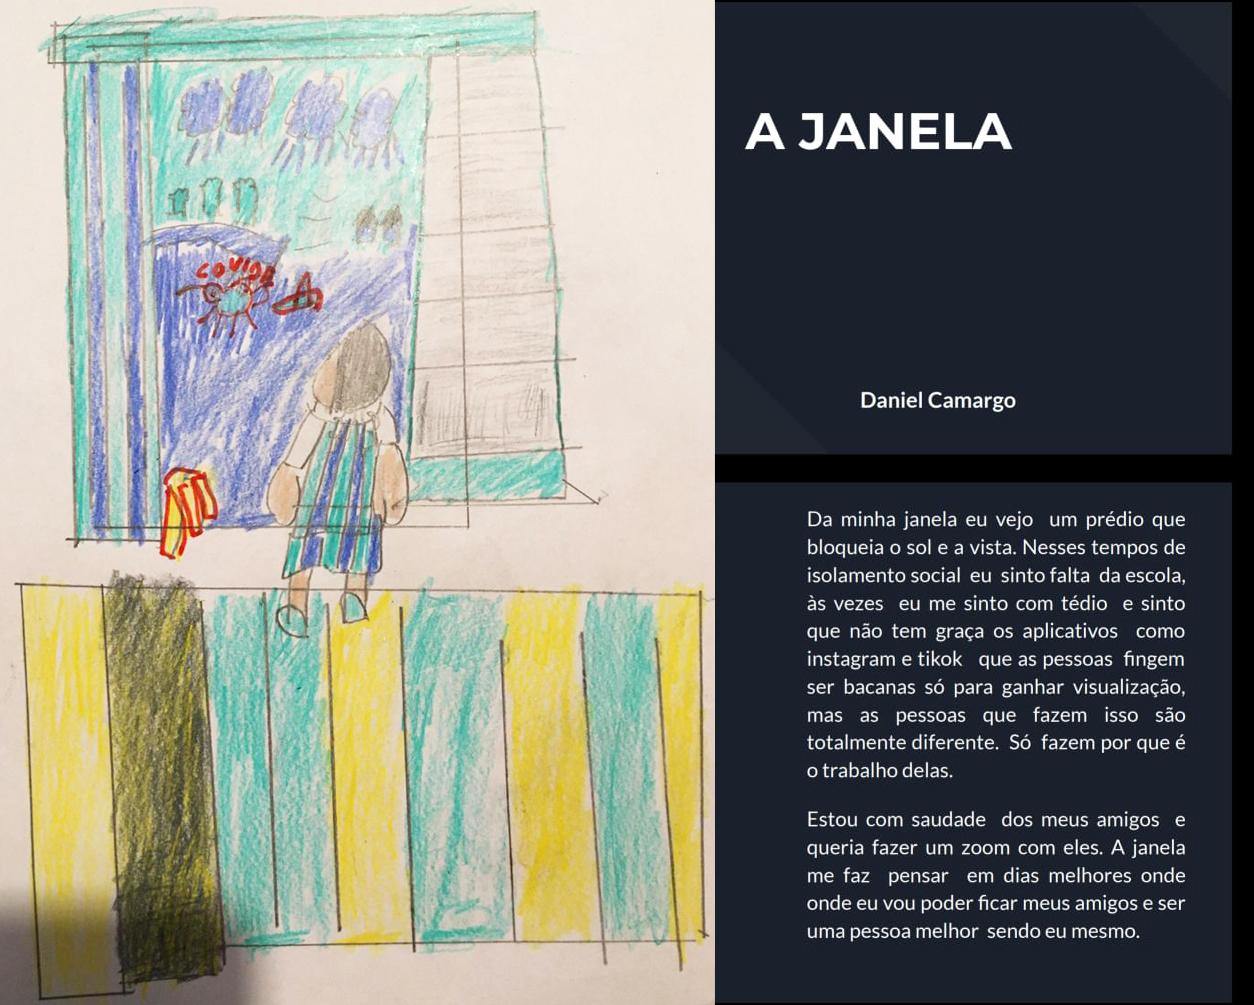 """À esquerda da imagem, um desenho feito a mão pelo estudante Daniel Camargo. O desenho é de uma criança para uma paisagem com árvores e céu com nuvens pela janela de sua casa; o estudante também fez um desenho para representar a covid-19. À direta, texto em fundo azul escuro: """"A janela"""", """"Daniel Camargo"""", """"Da minha janela eu vejo um prédio que bloqueia o sol e a vista. Nesses tempos de isolamento social eu sinto falta da escola, às vezes eu me sinto com tédio e sinto que não tem graça os aplicativos como Instagram e Tiktok que as pessoas fingem ser bacanas só para ganhar visualização, mas as pessoas que fazem isso são totalmente diferentes. Só fazem por que é o trabalho delas. Estou com saudade dos meus amigos e queria fazer um zoom com eles. A janela me faz pensar em dias melhores onde eu vou poder ficar com meus amigos e ser uma pessoa melhor sendo eu mesmo"""". Fim da descrição."""